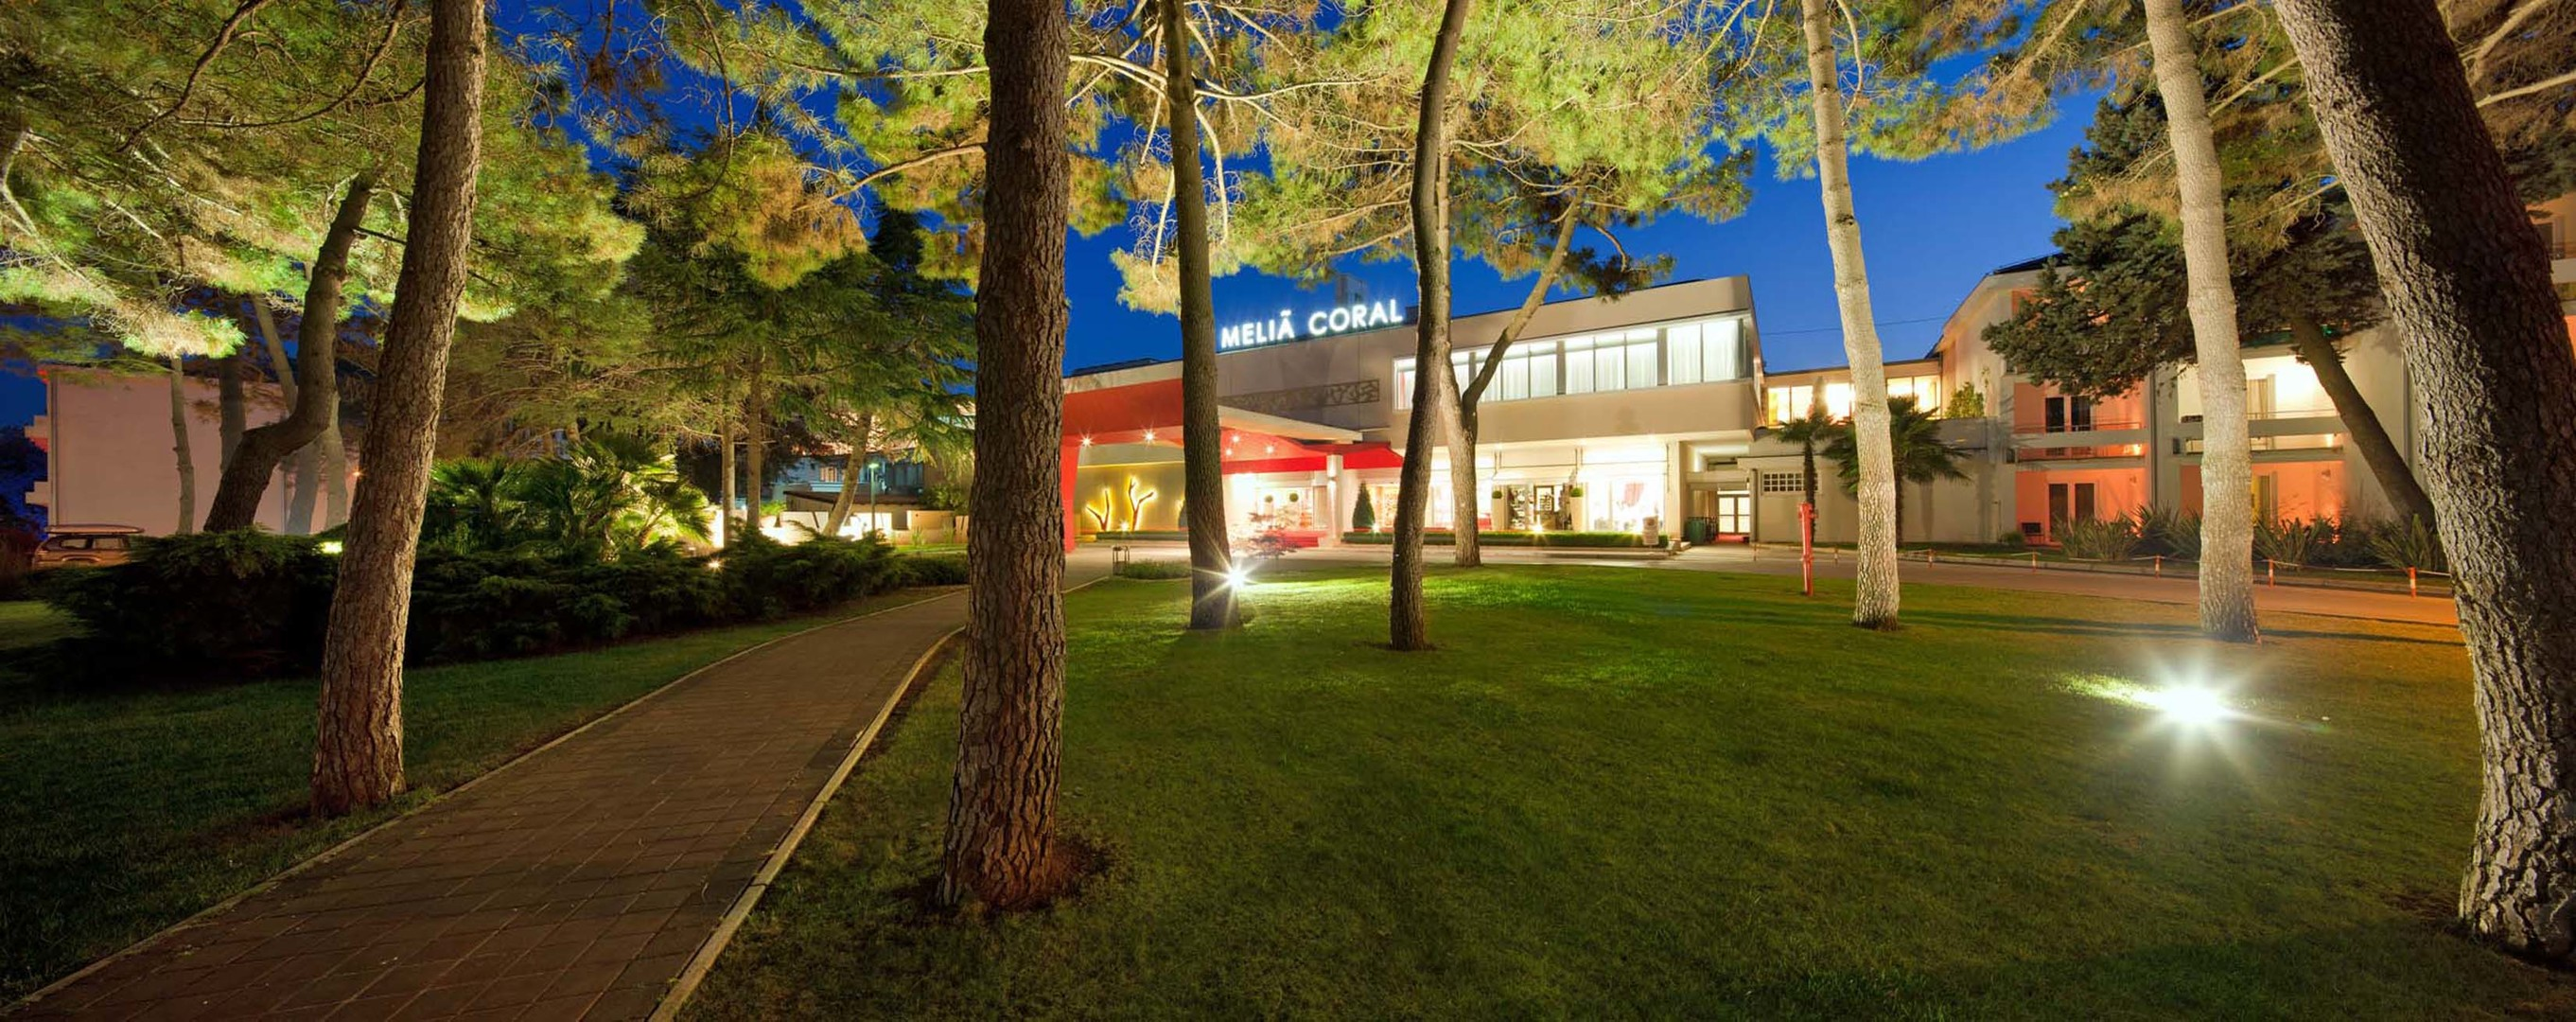 Hotel Melia Coral #2